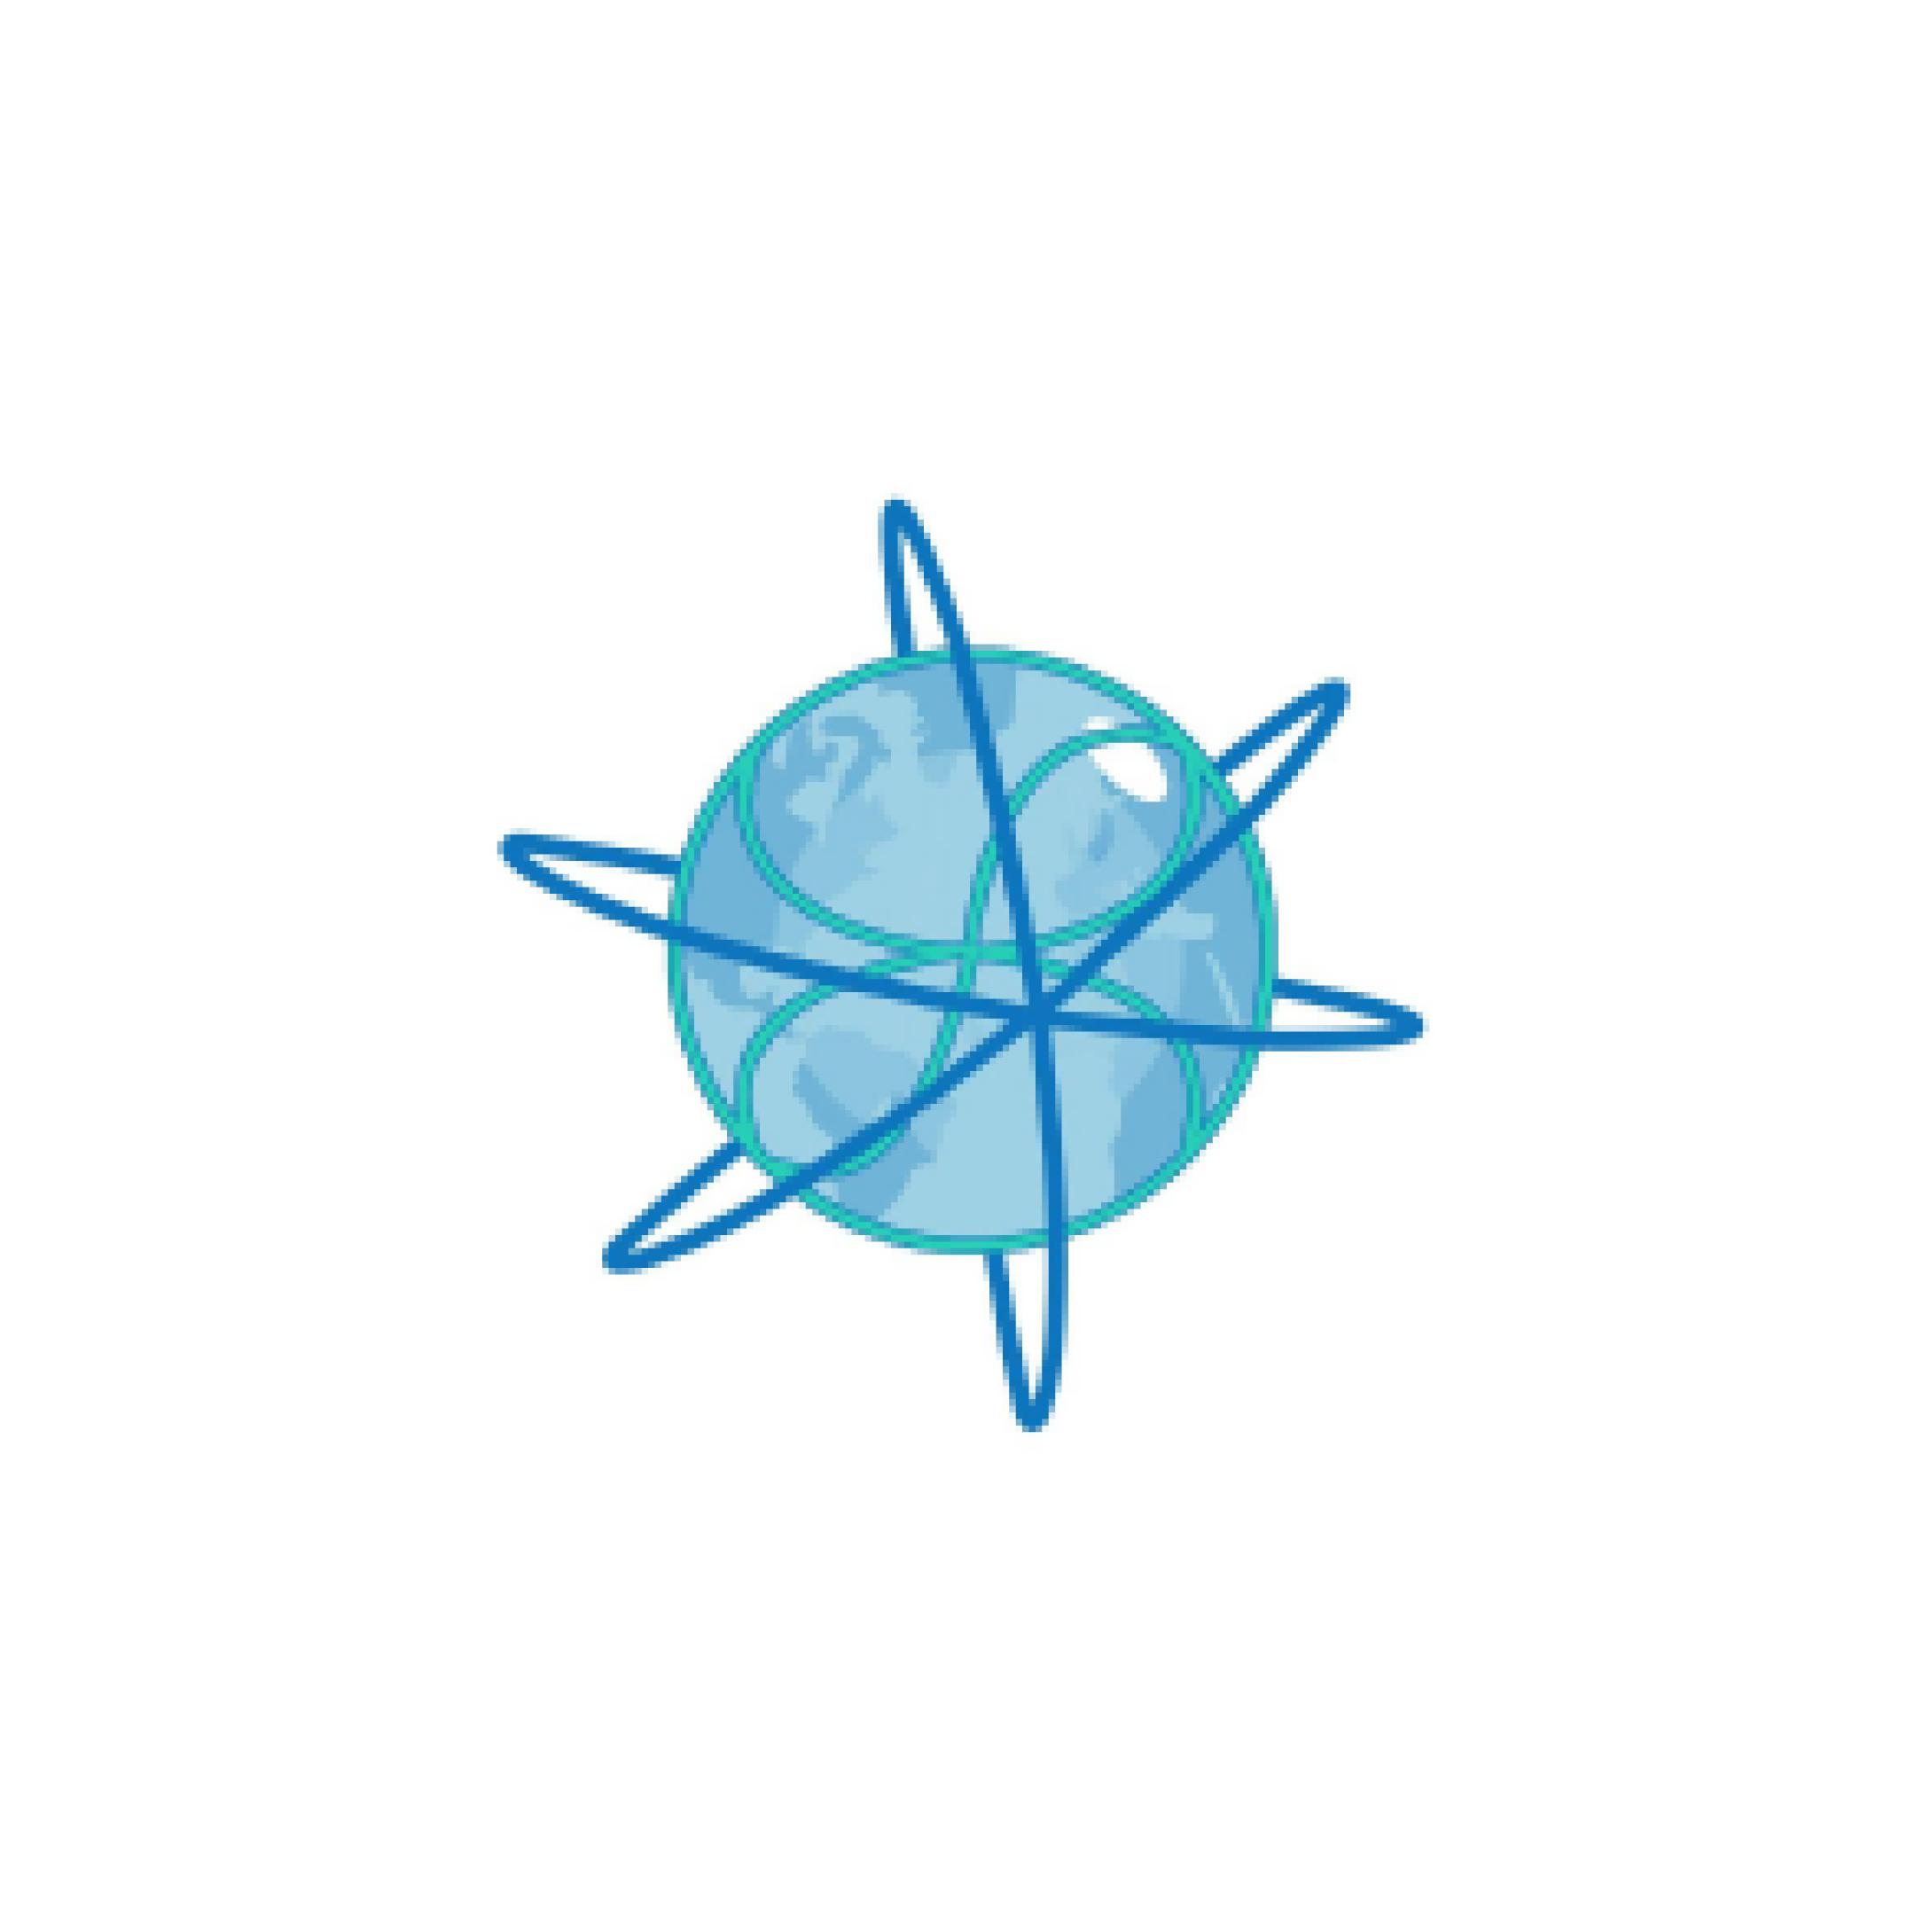 パートナー企業ロゴs-06.png